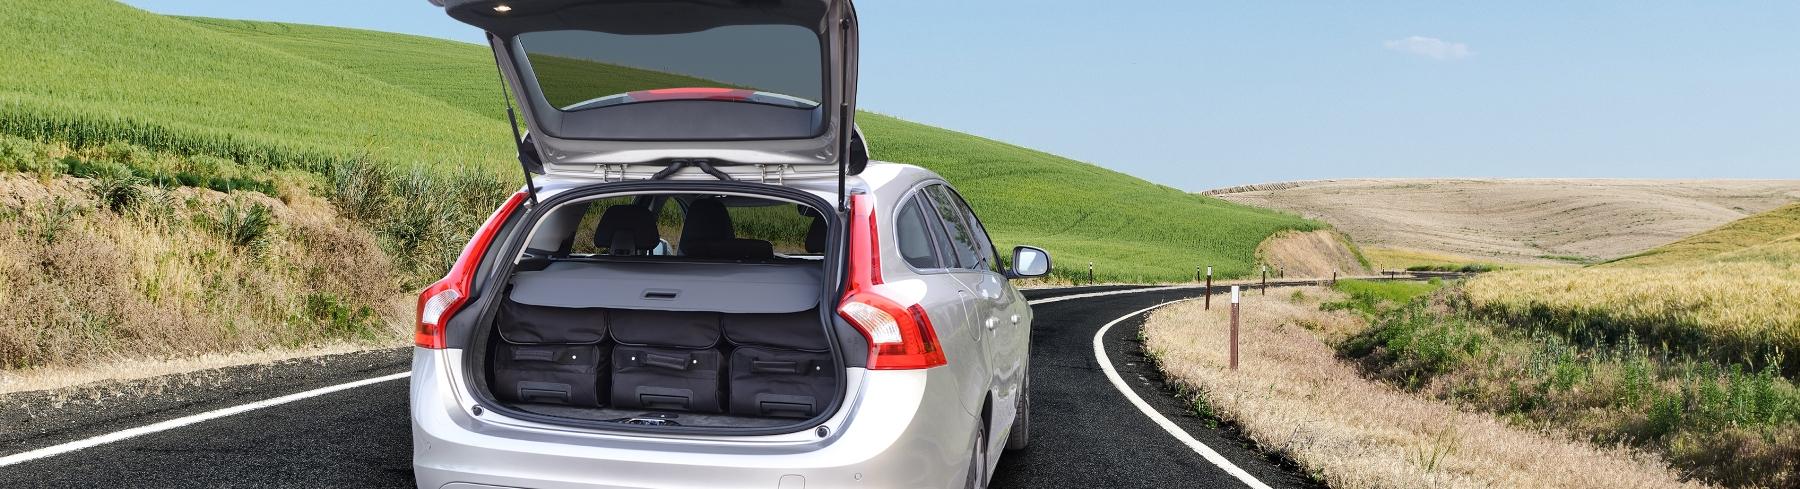 car-bags-concept-3-zomer